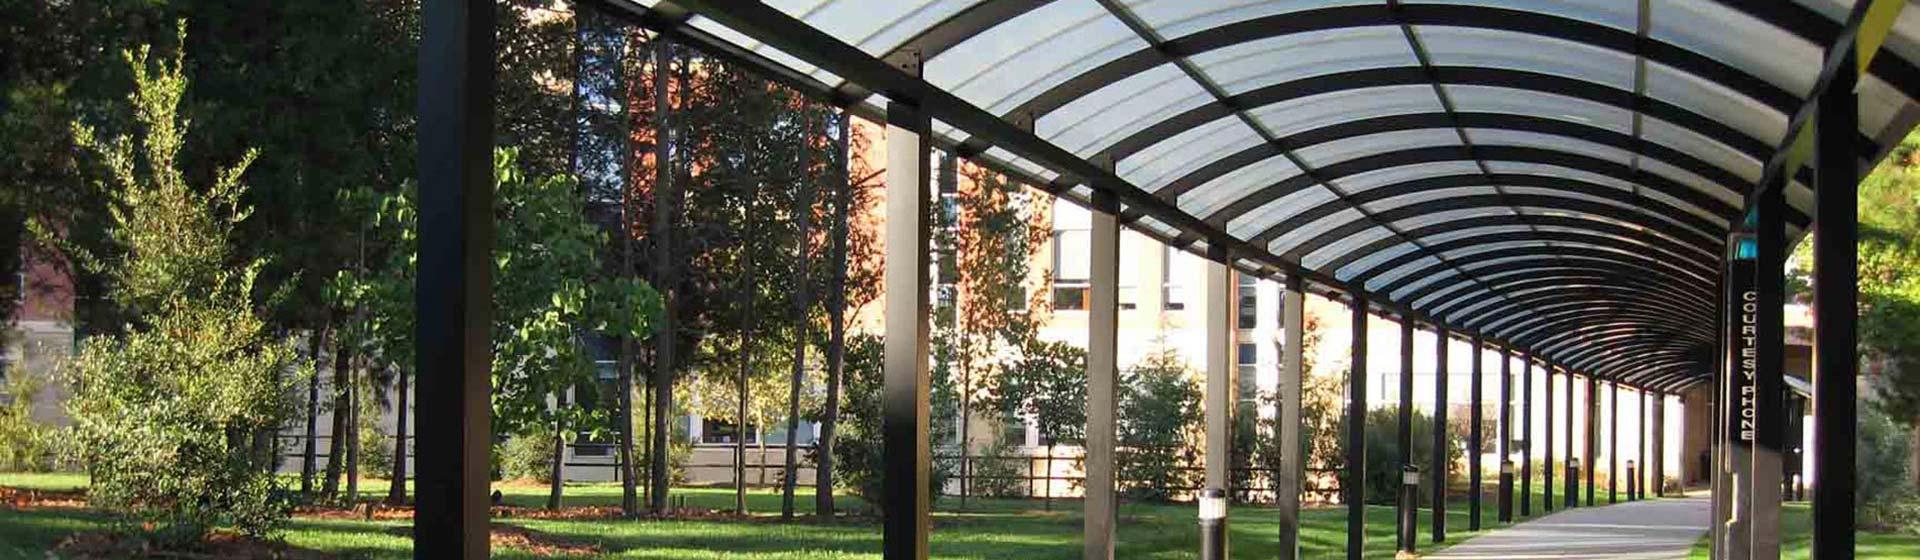 Briteway Canopies